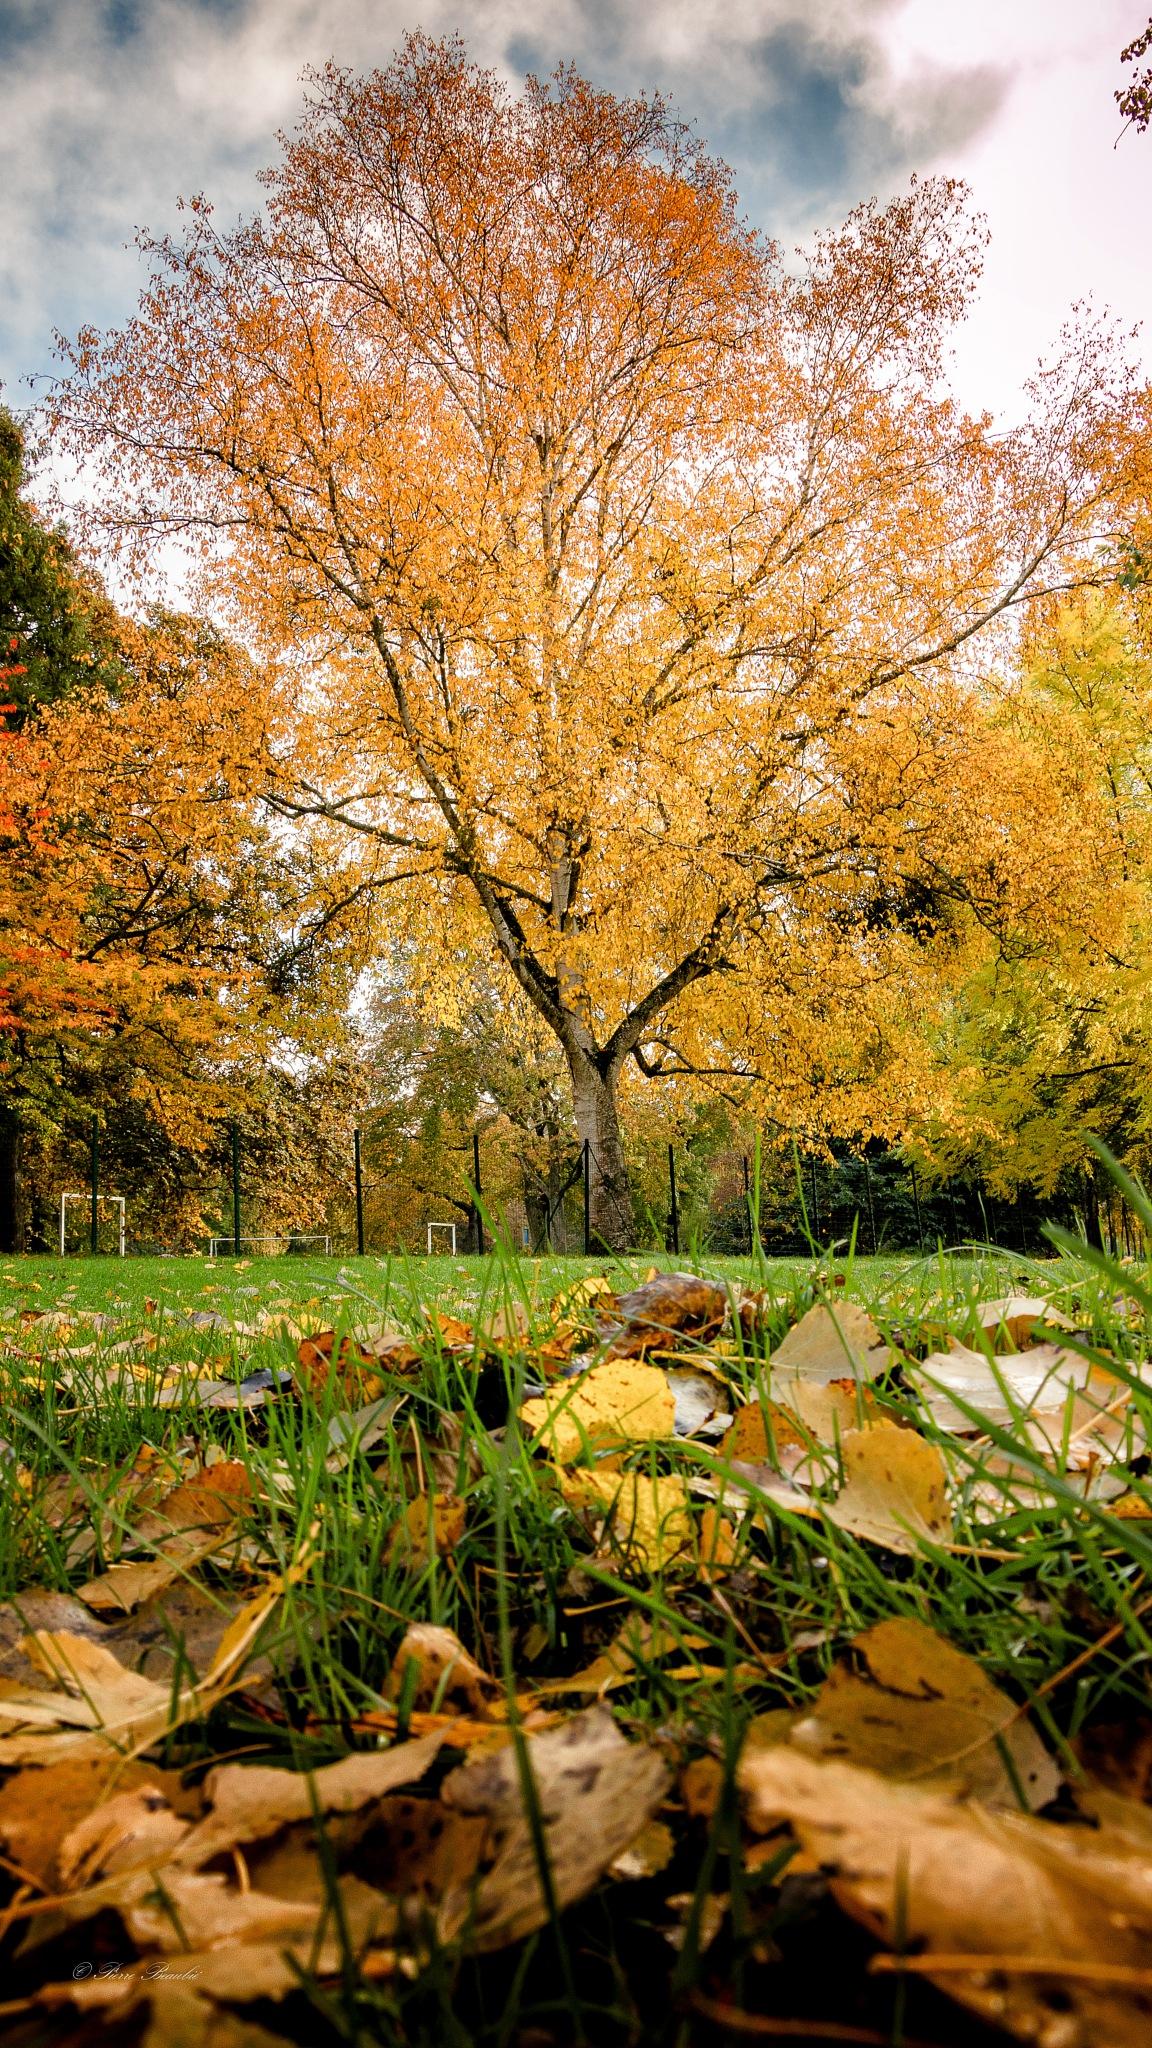 Fall(en) by Pierre Beaubié